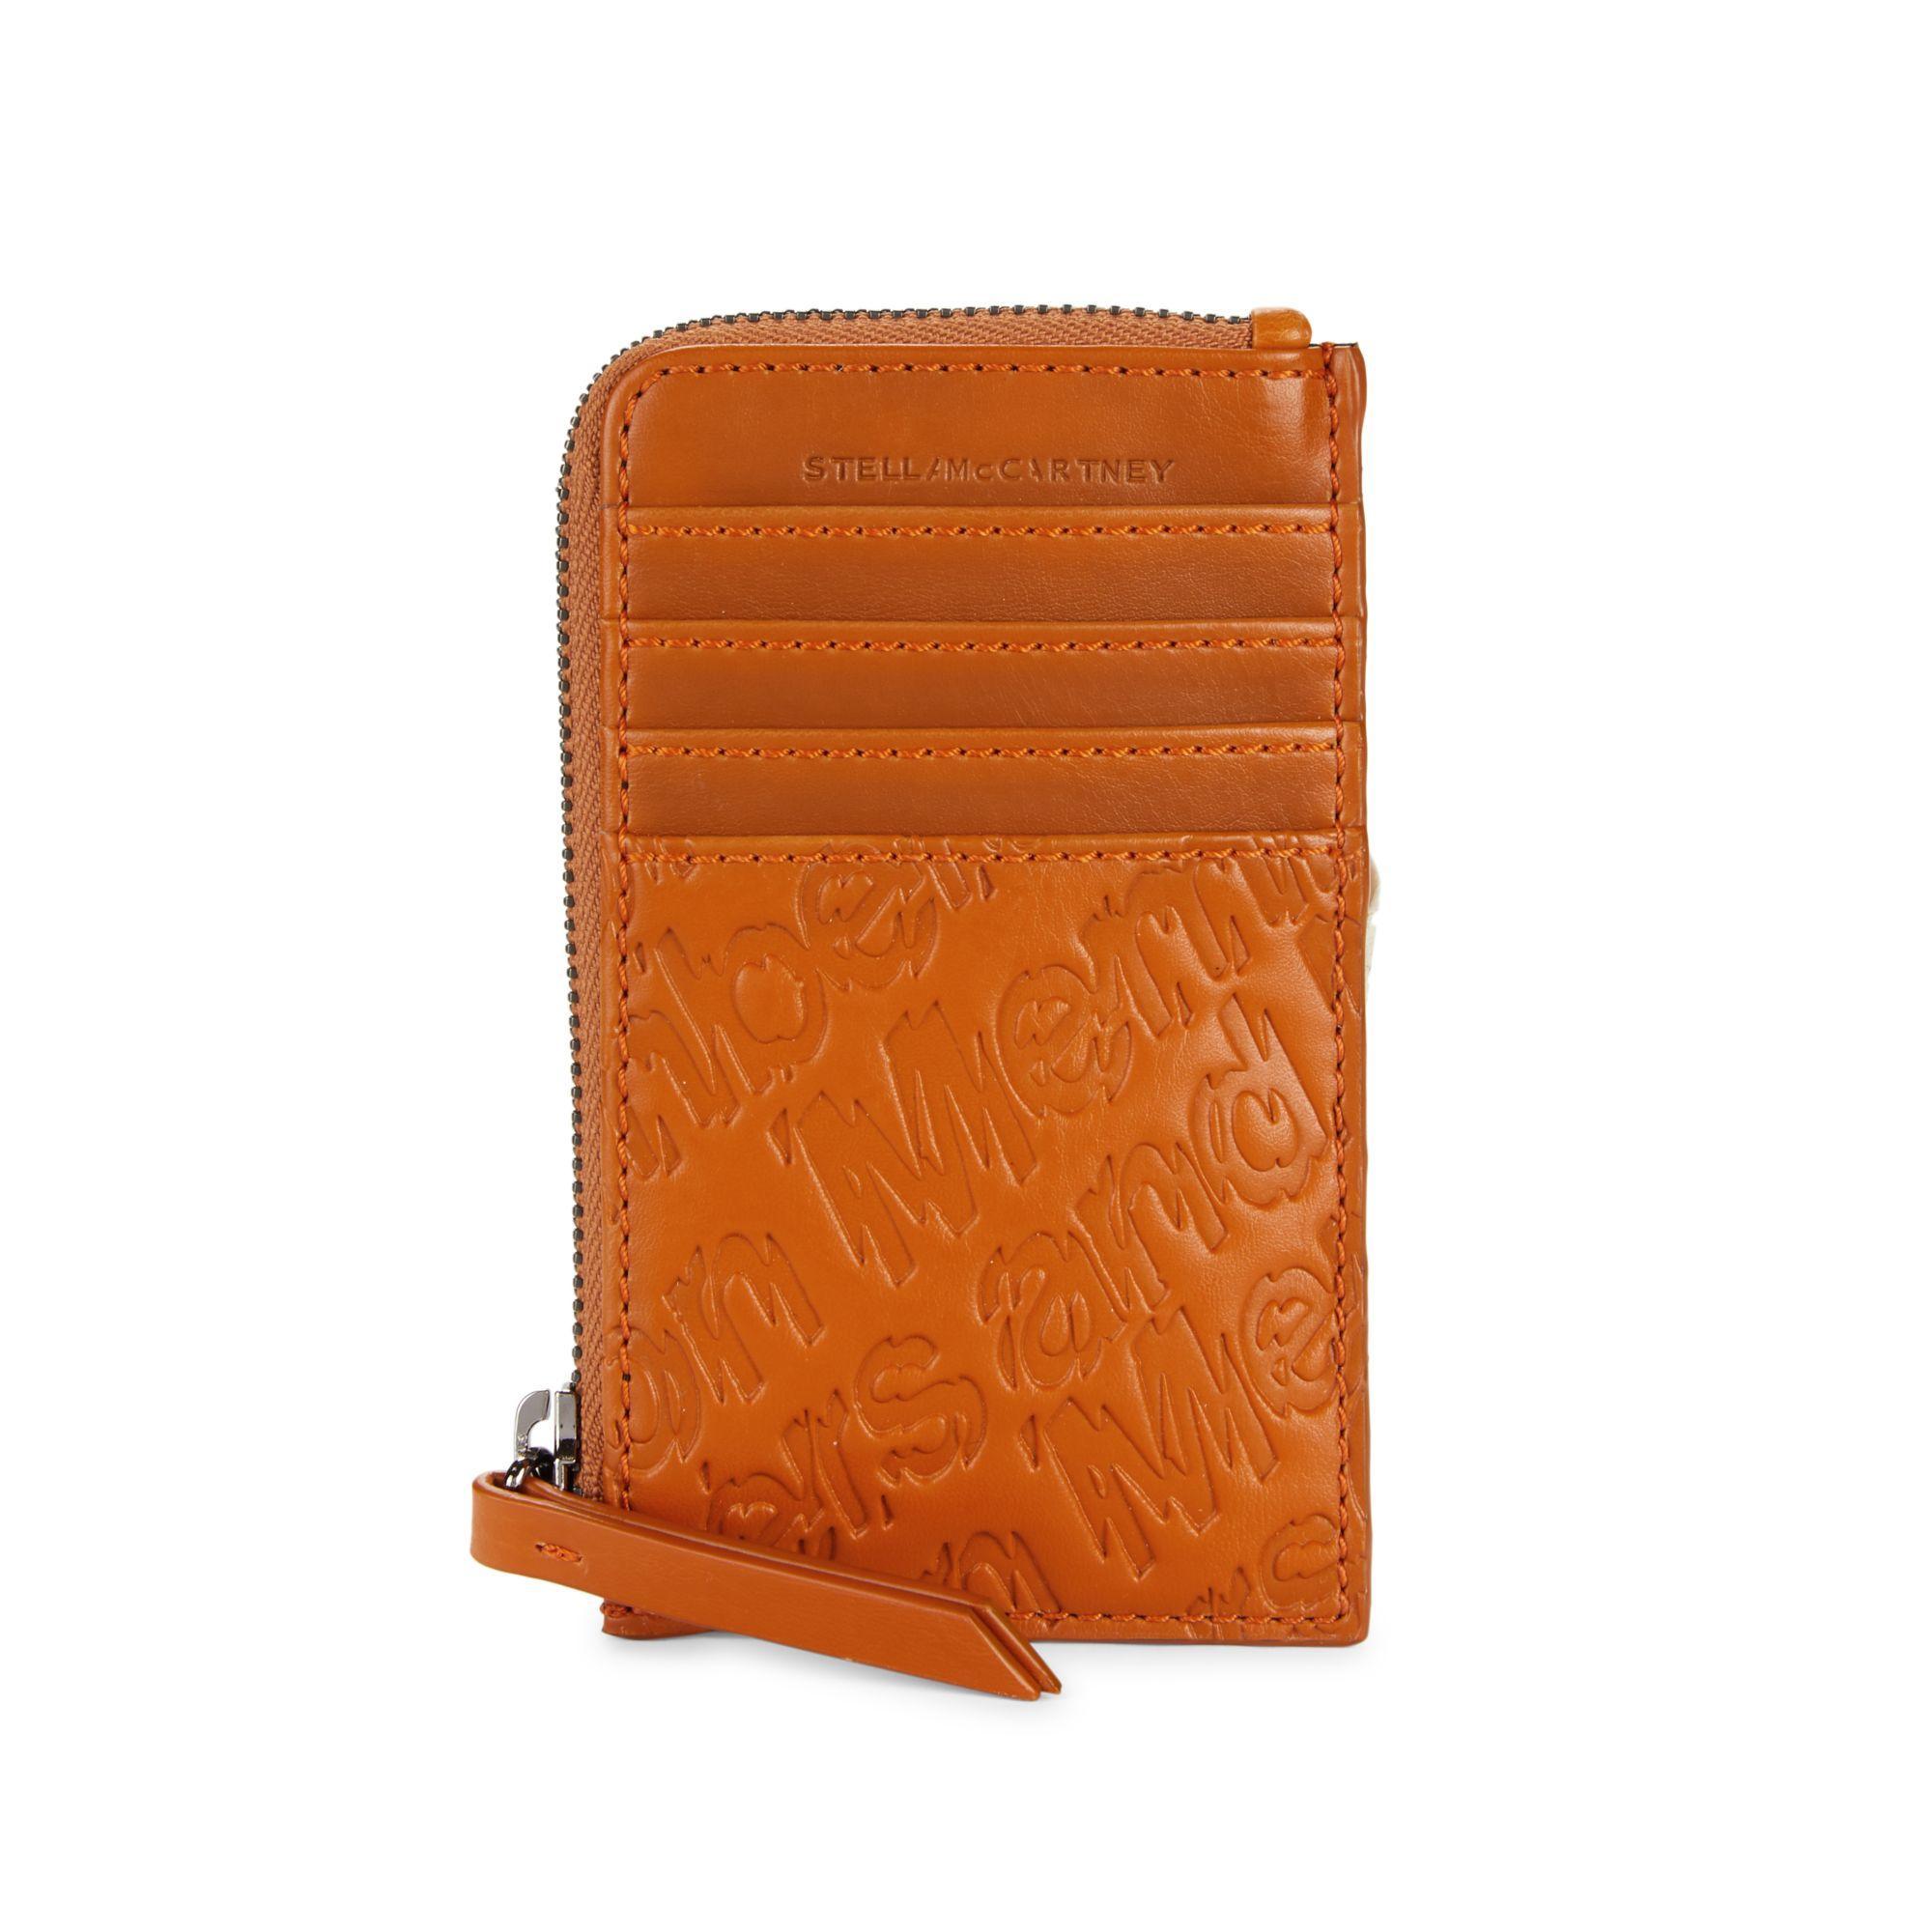 Stella McCartney Women's Orange Textured Leather Card Case